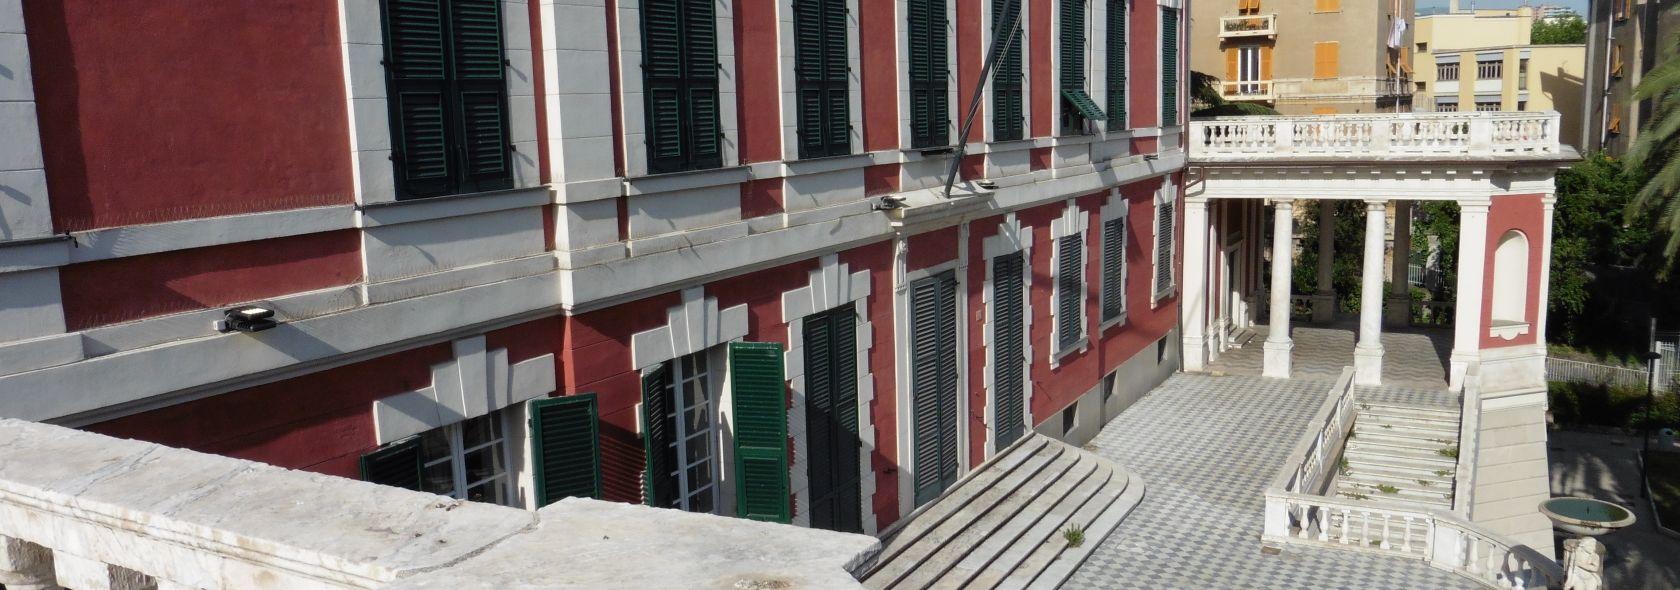 Le Ville di Cornigliano